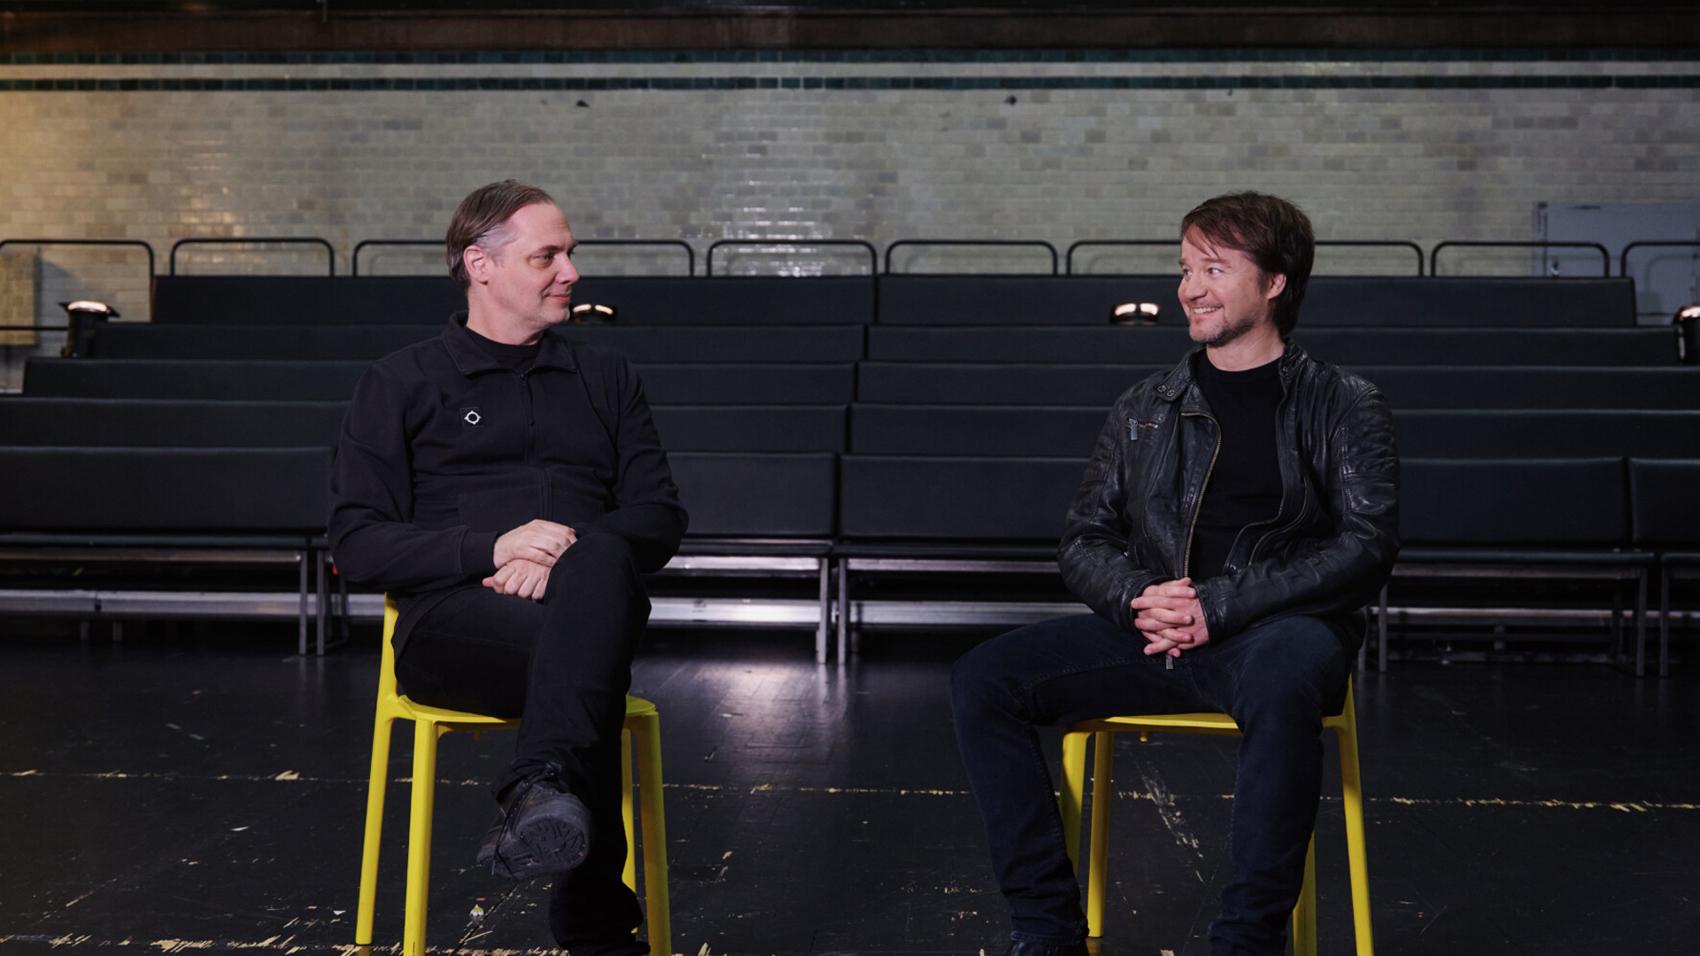 Mattias Andersson, Dramatens konstnärlige ledare och teaterchef, och Johannes Öhman, teaterchef på Dansens Hus, berättar om samarbetet kring Elverket.